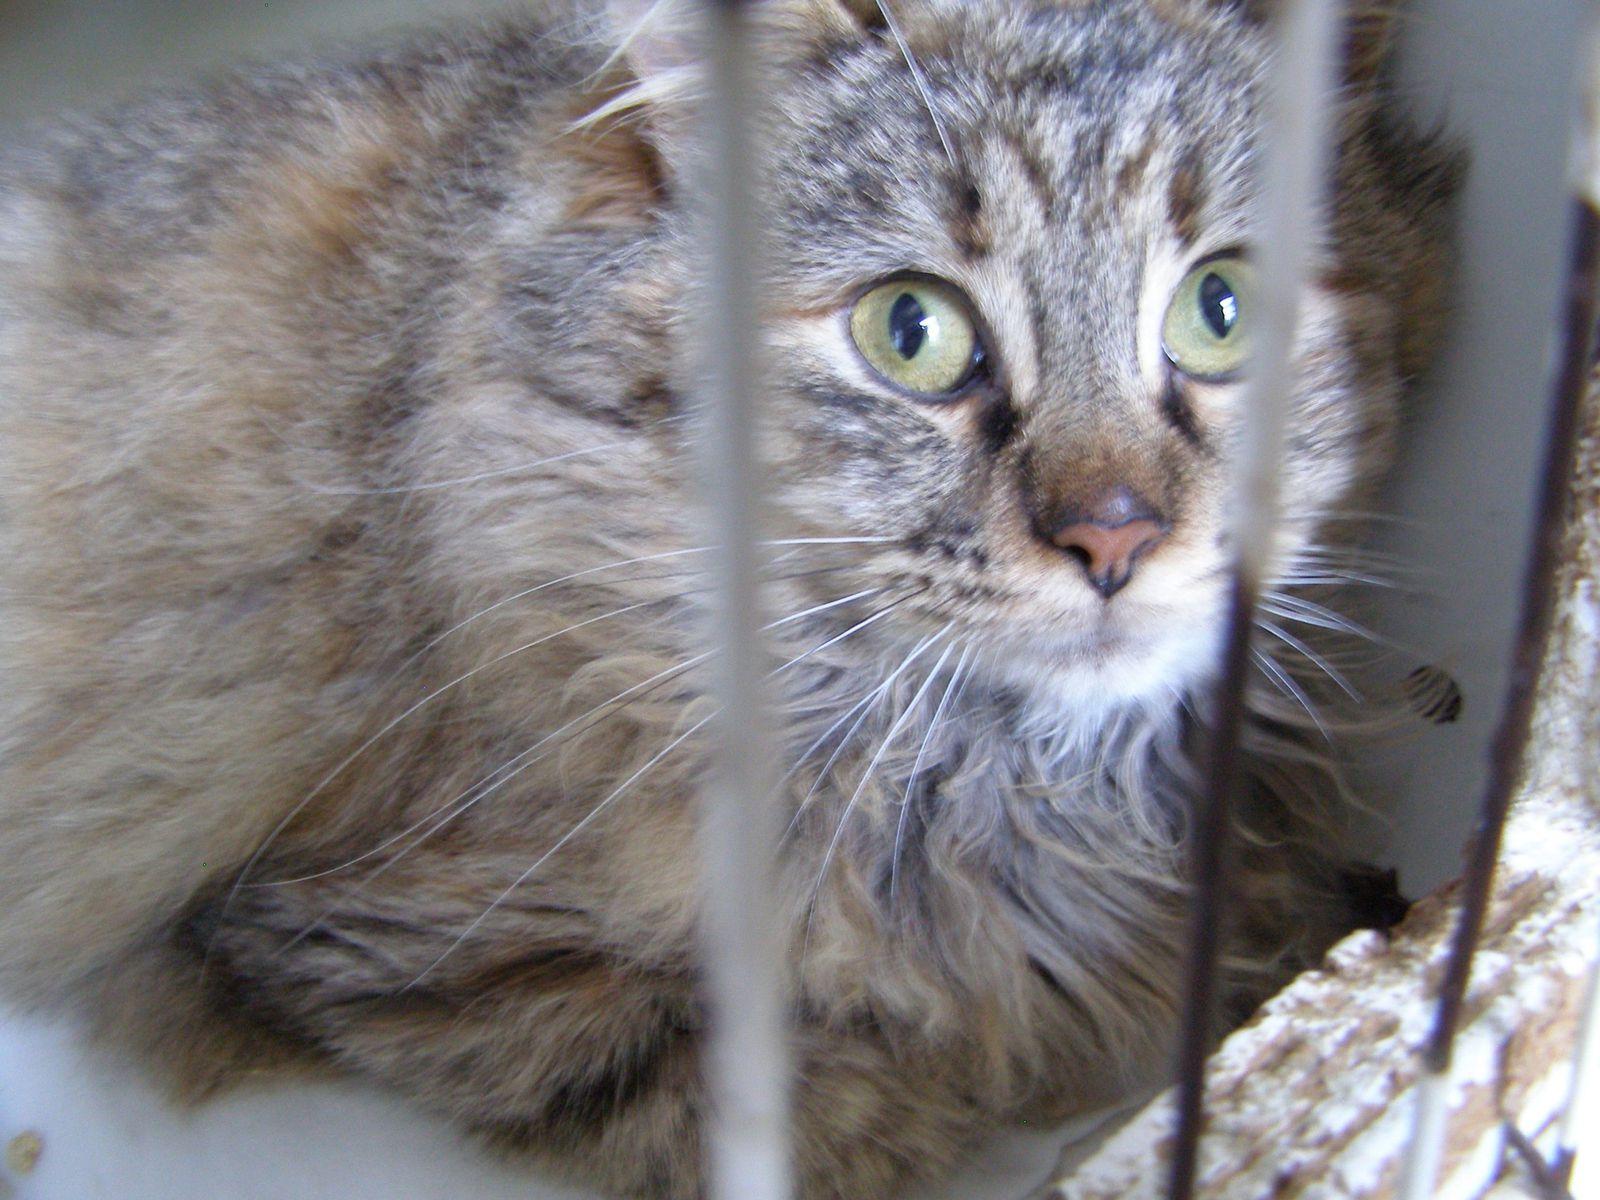 Mâle ? Femelle ? à première vue je dirais jeune chatte... nous en saurons plus demain !